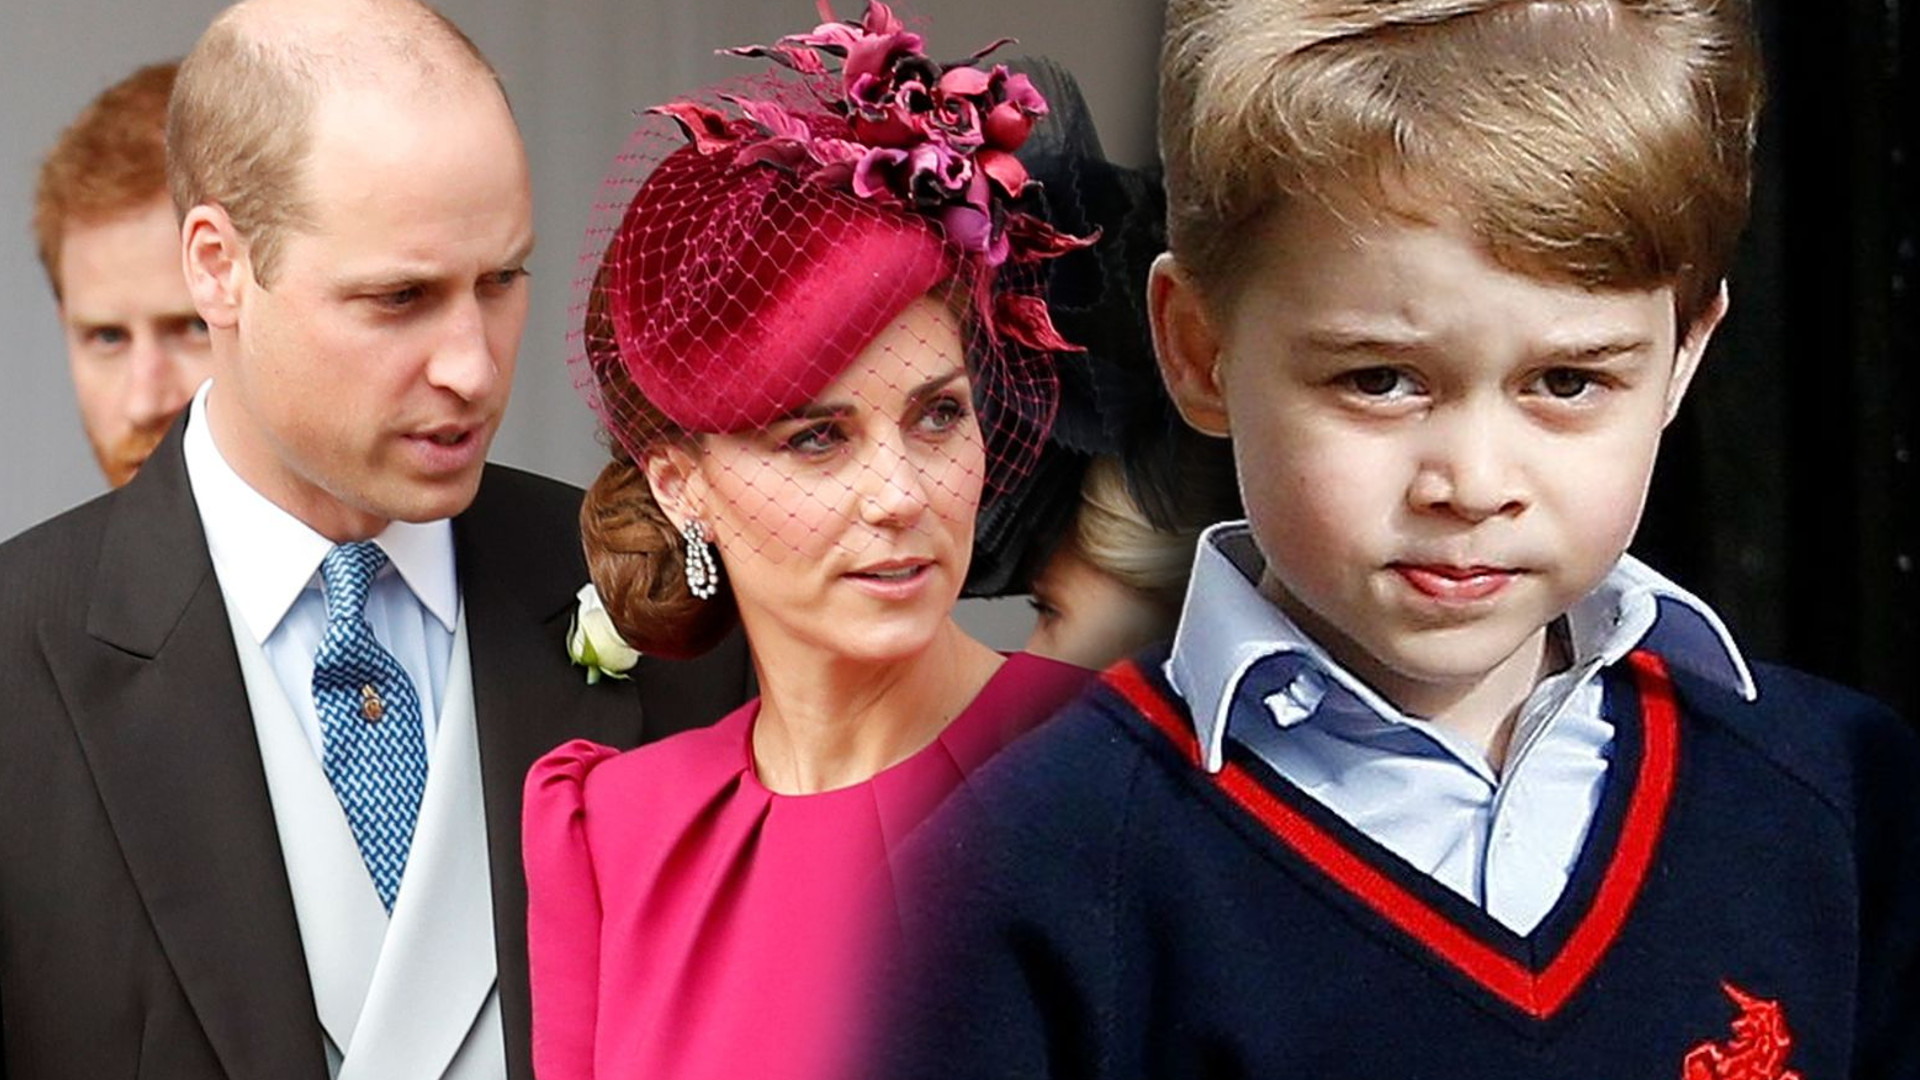 Książę George nie mógł obejrzeć TEJ bajki! Wszystko przez to, że jest księciem?